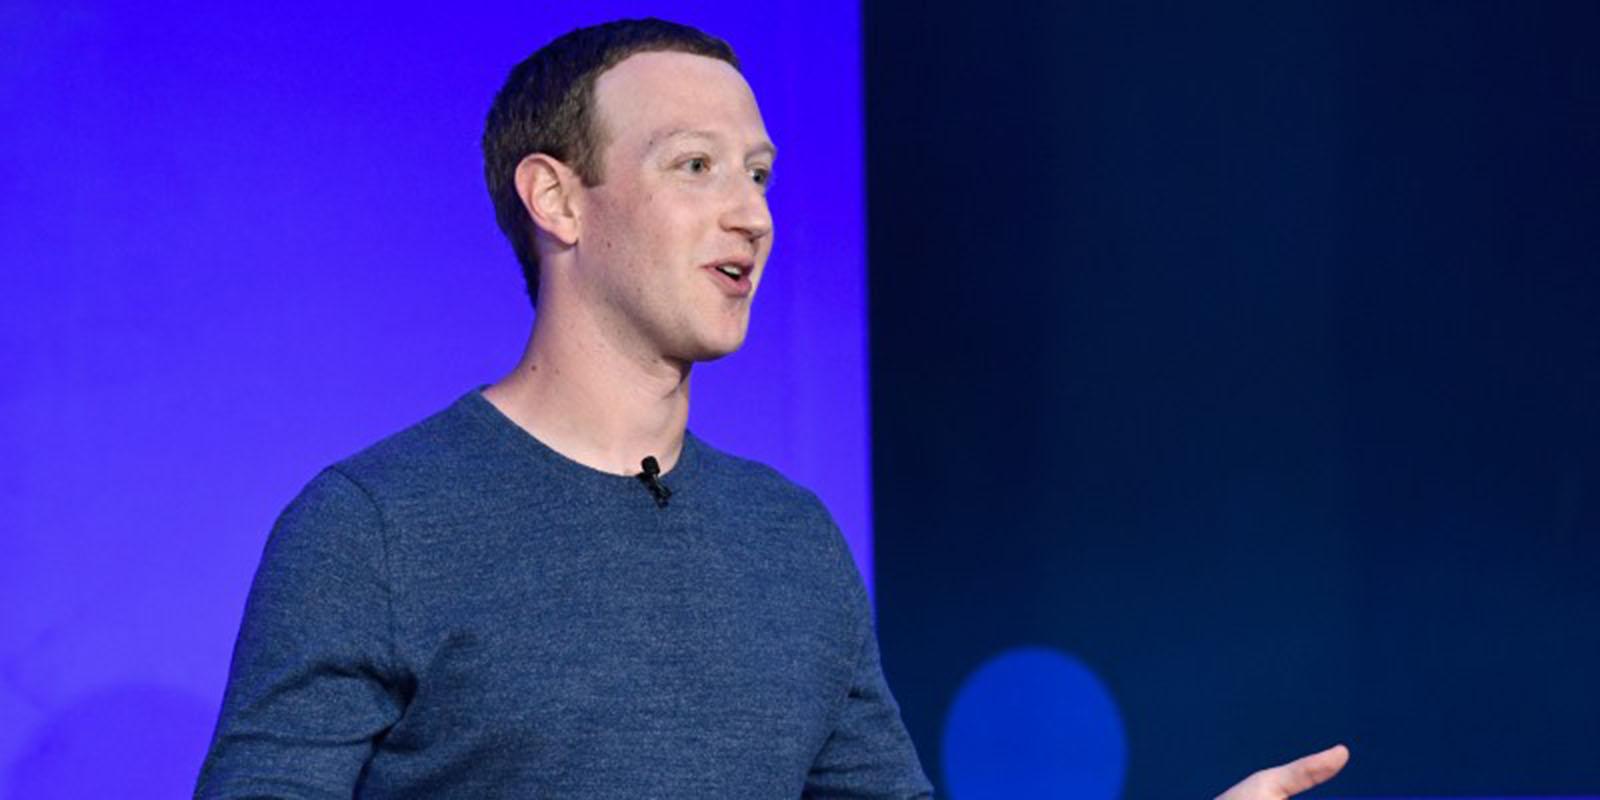 La promesa que hace Mark Zuckerberg